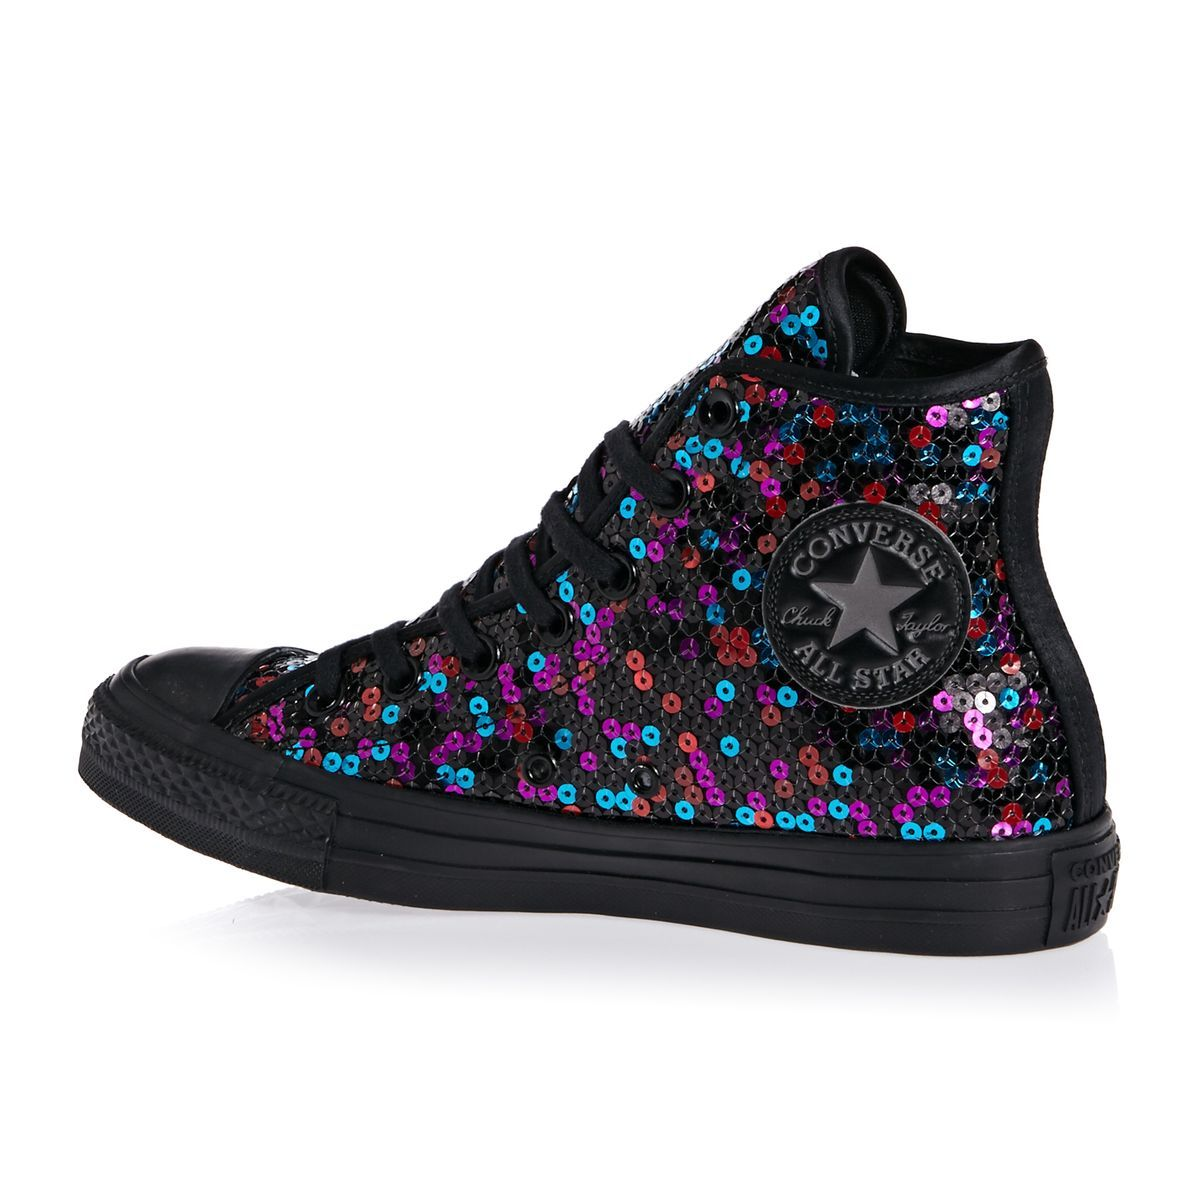 3daa7dc9b Zapatos Converse - Zapatos Converse Chuck Taylor All Star Hi -  Black Blue Cherry